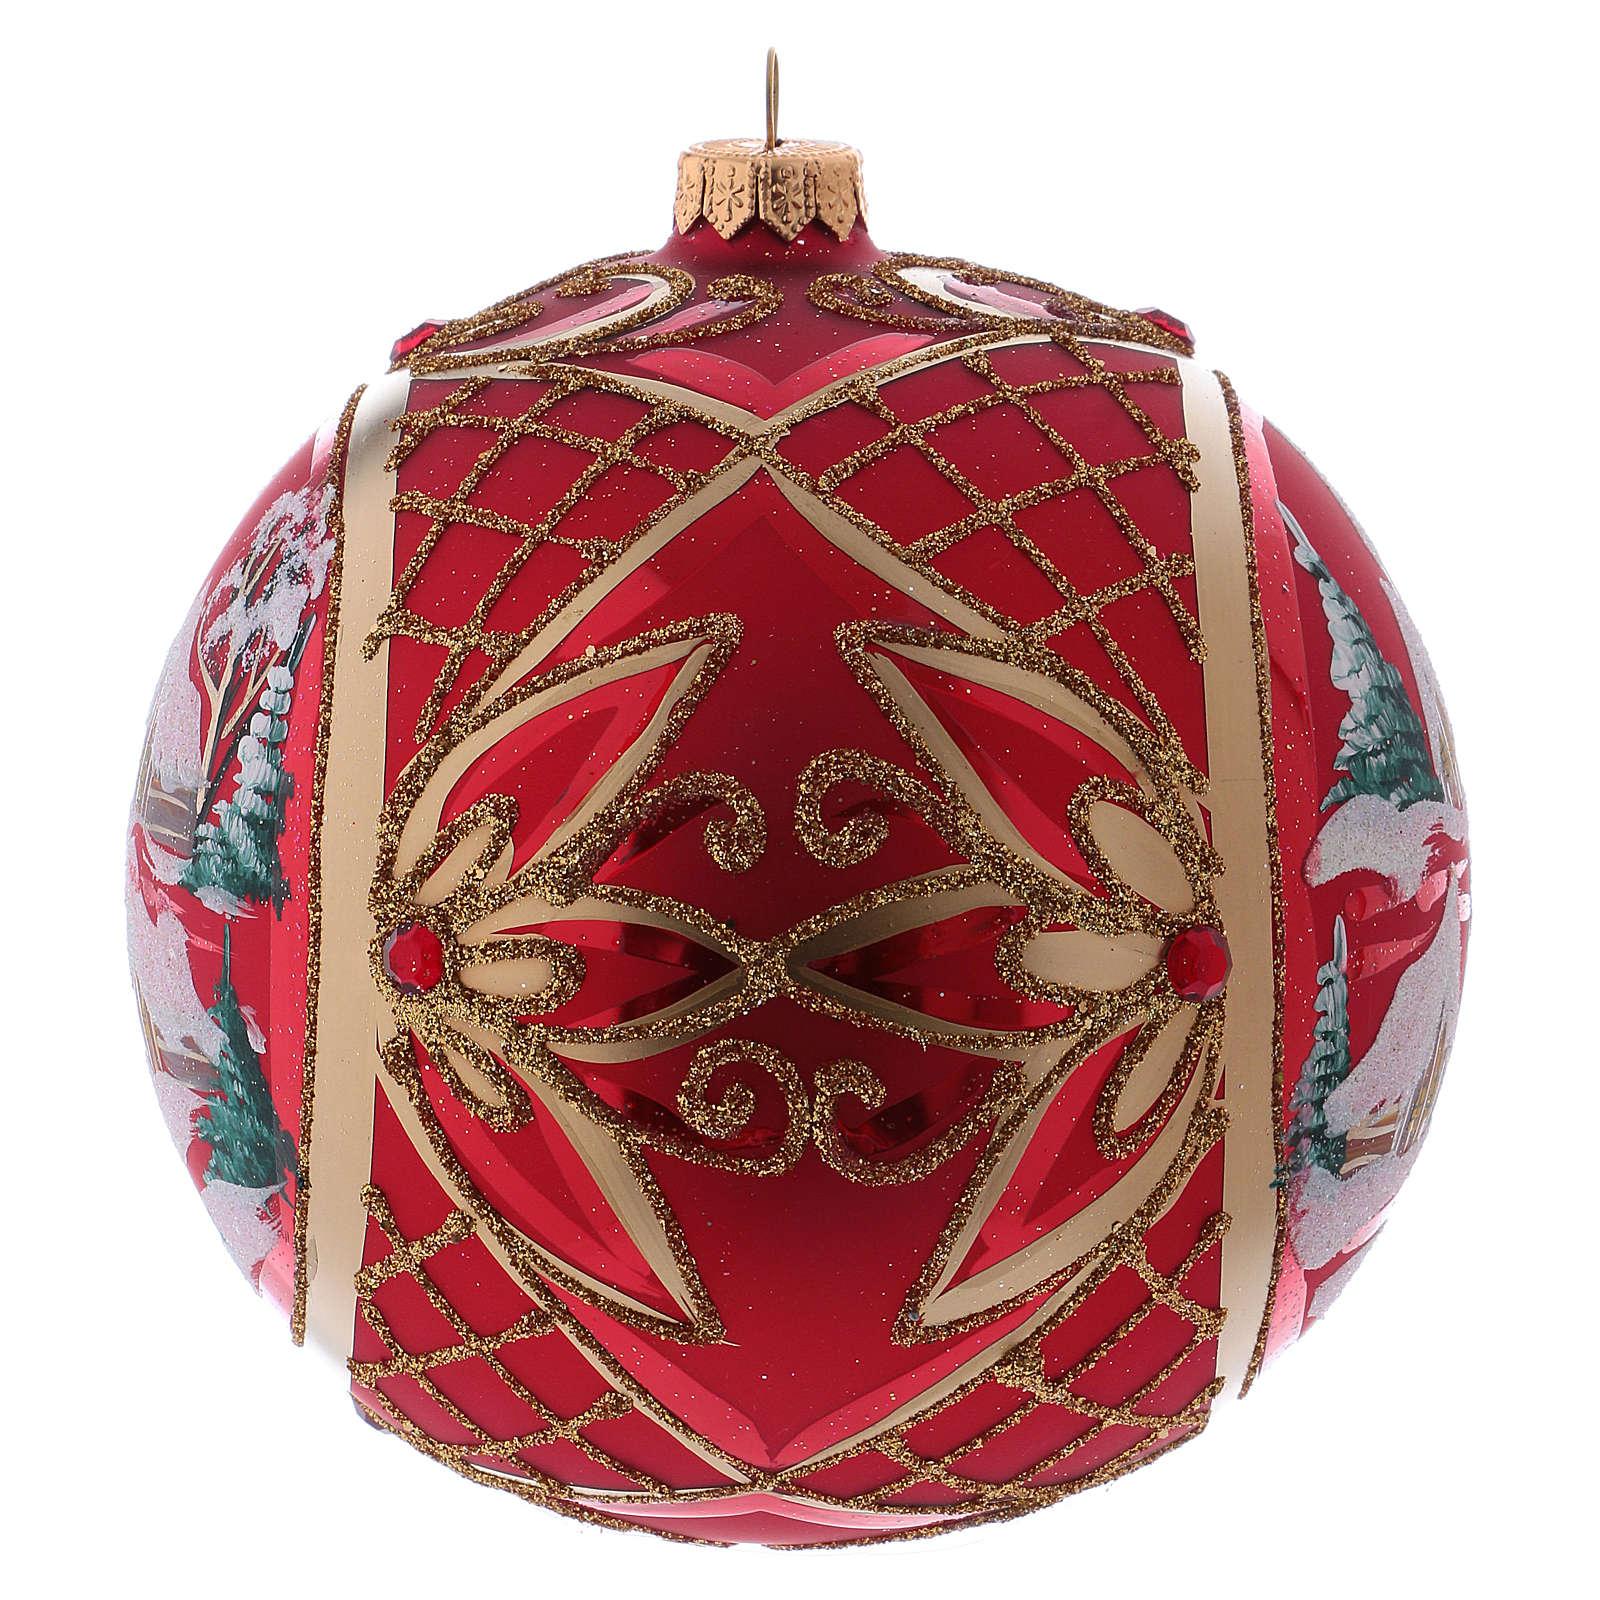 Bola de Natal 150 mm paisagem de inverno fundo vermelho vidro soprado 4